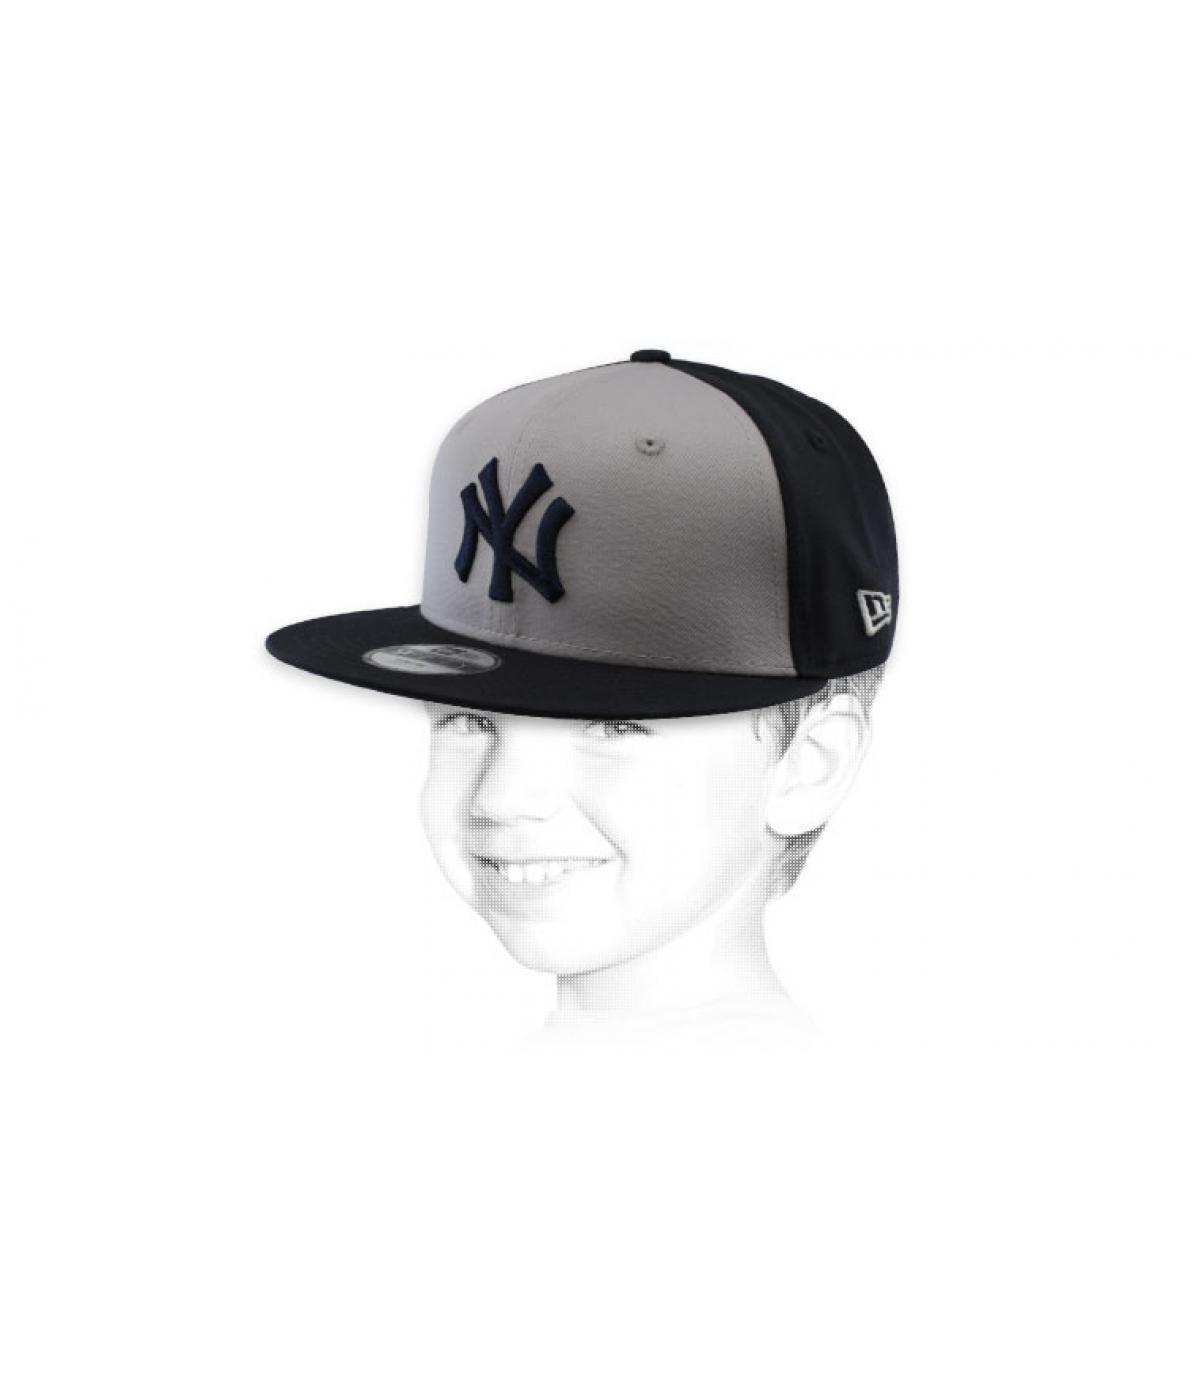 snapback NY enfant gris noir